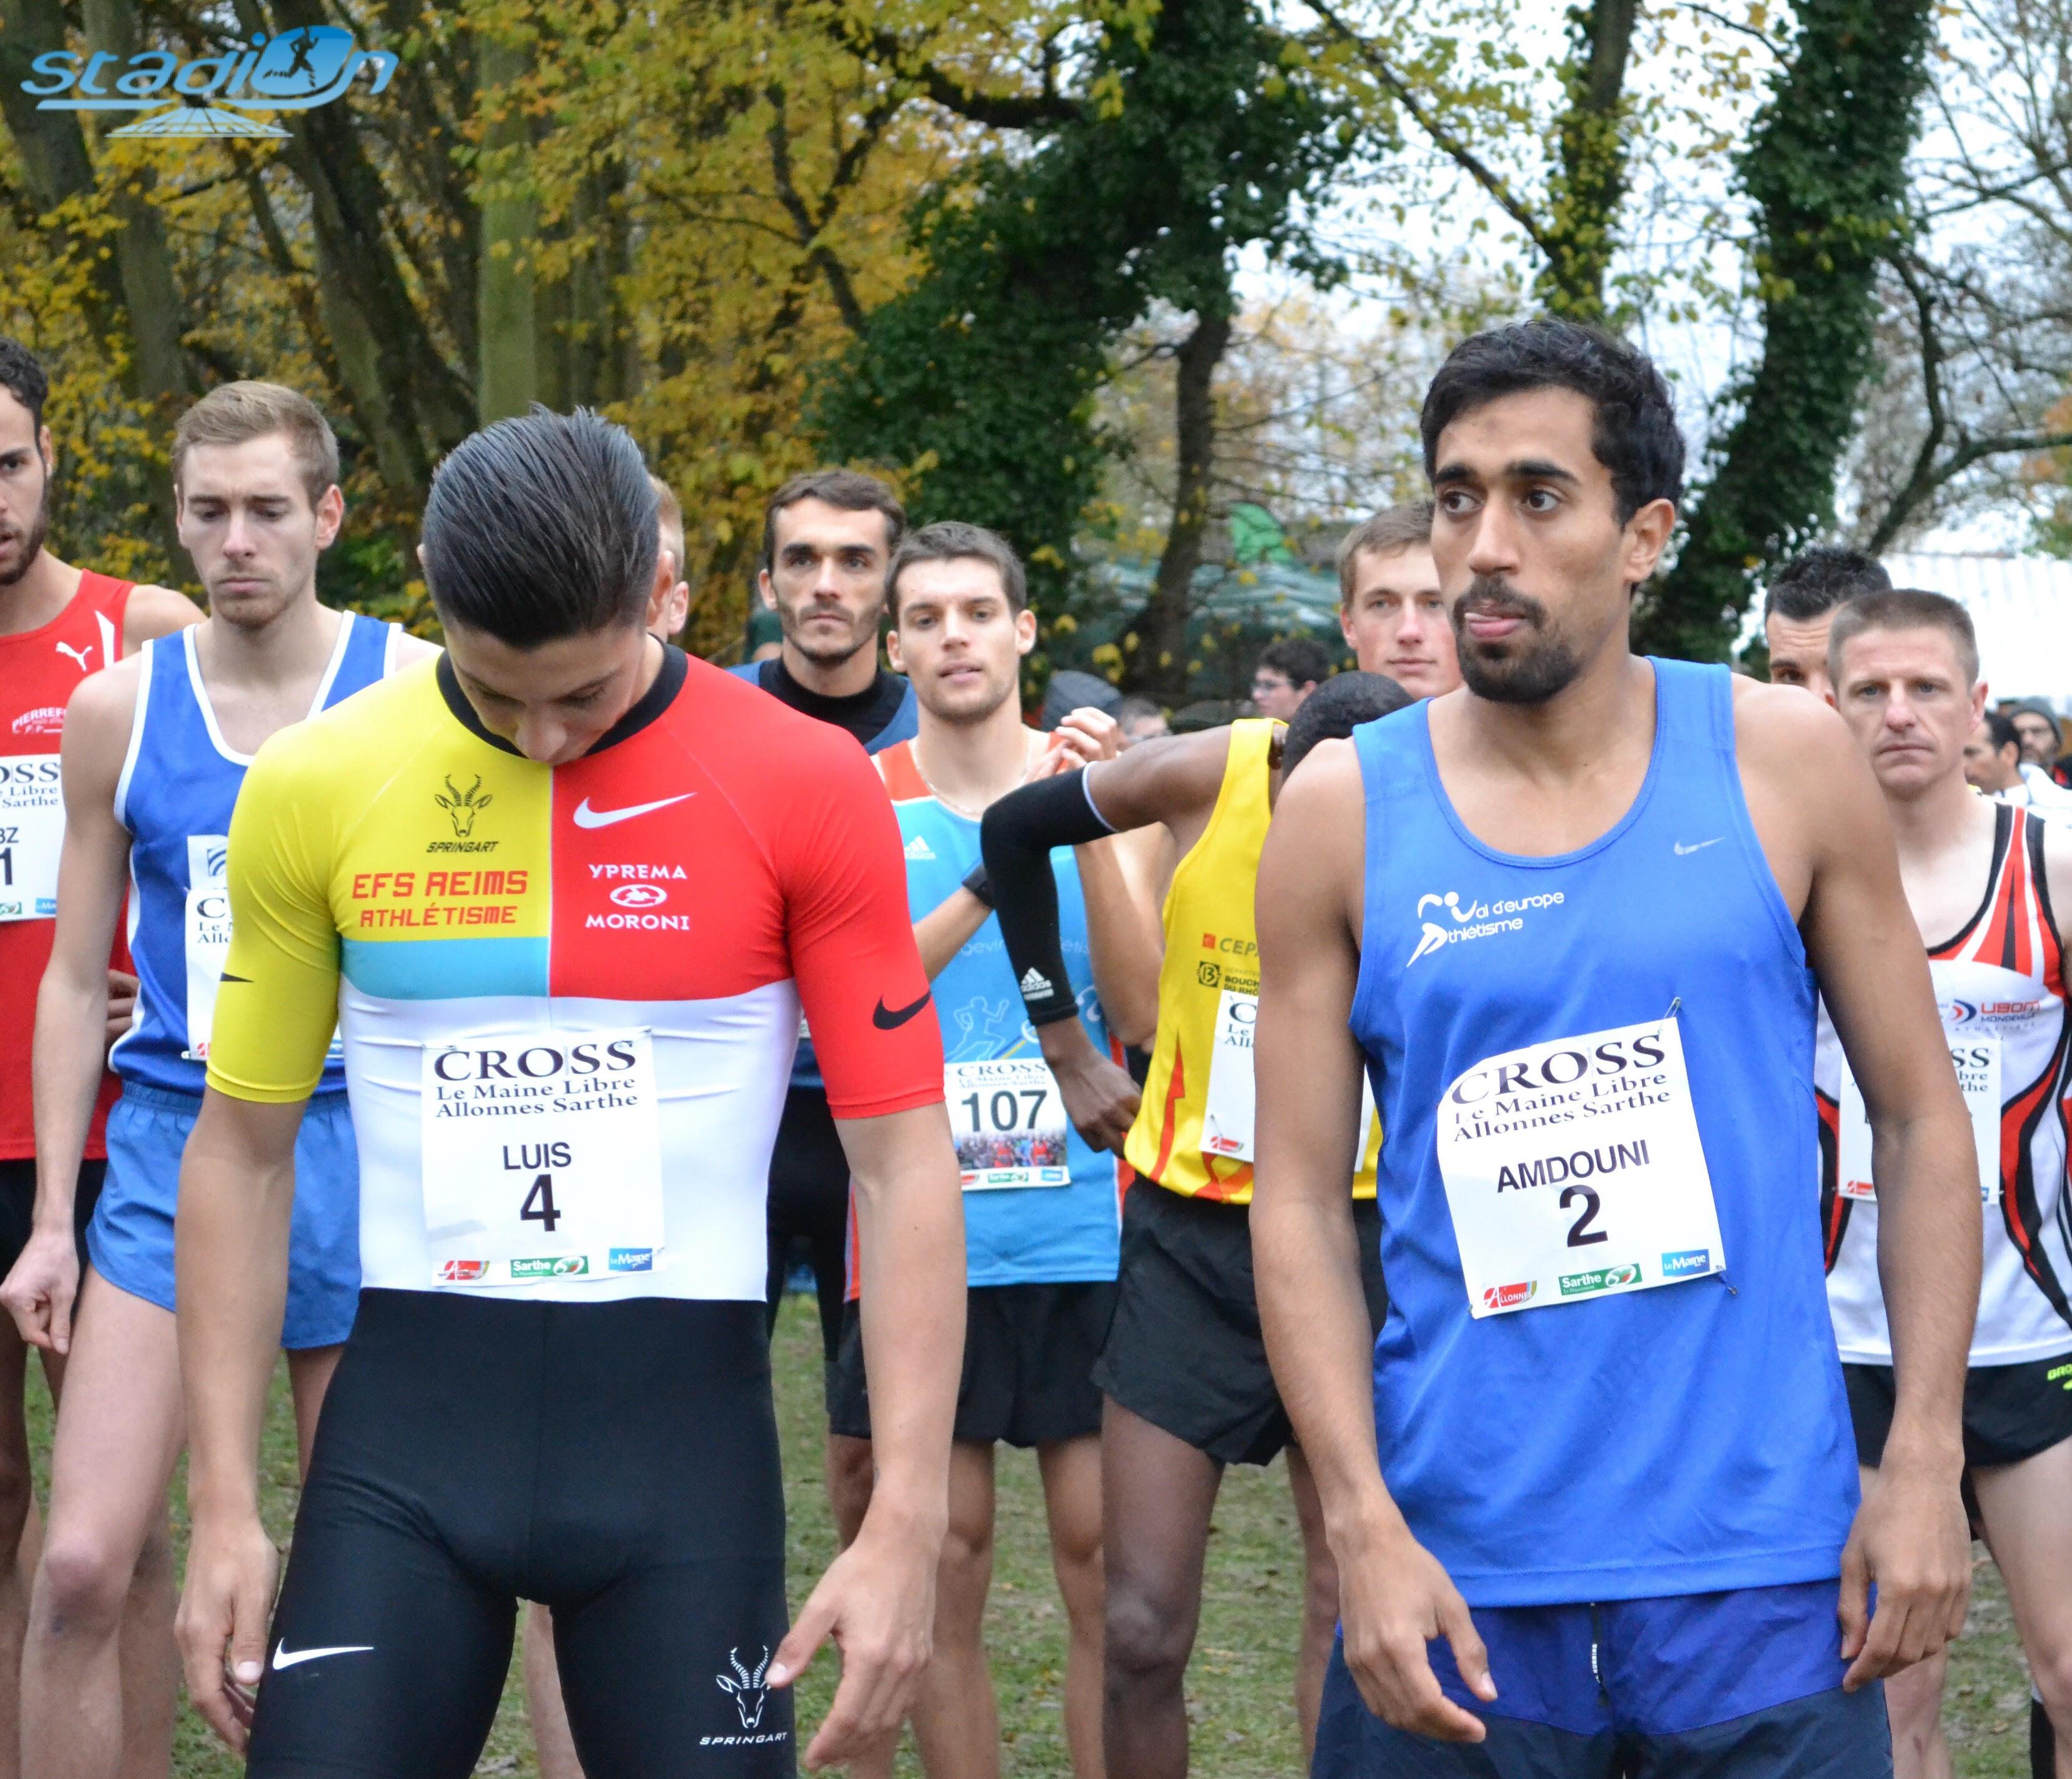 Championnats de France de cross-country 2017 : Le Programme